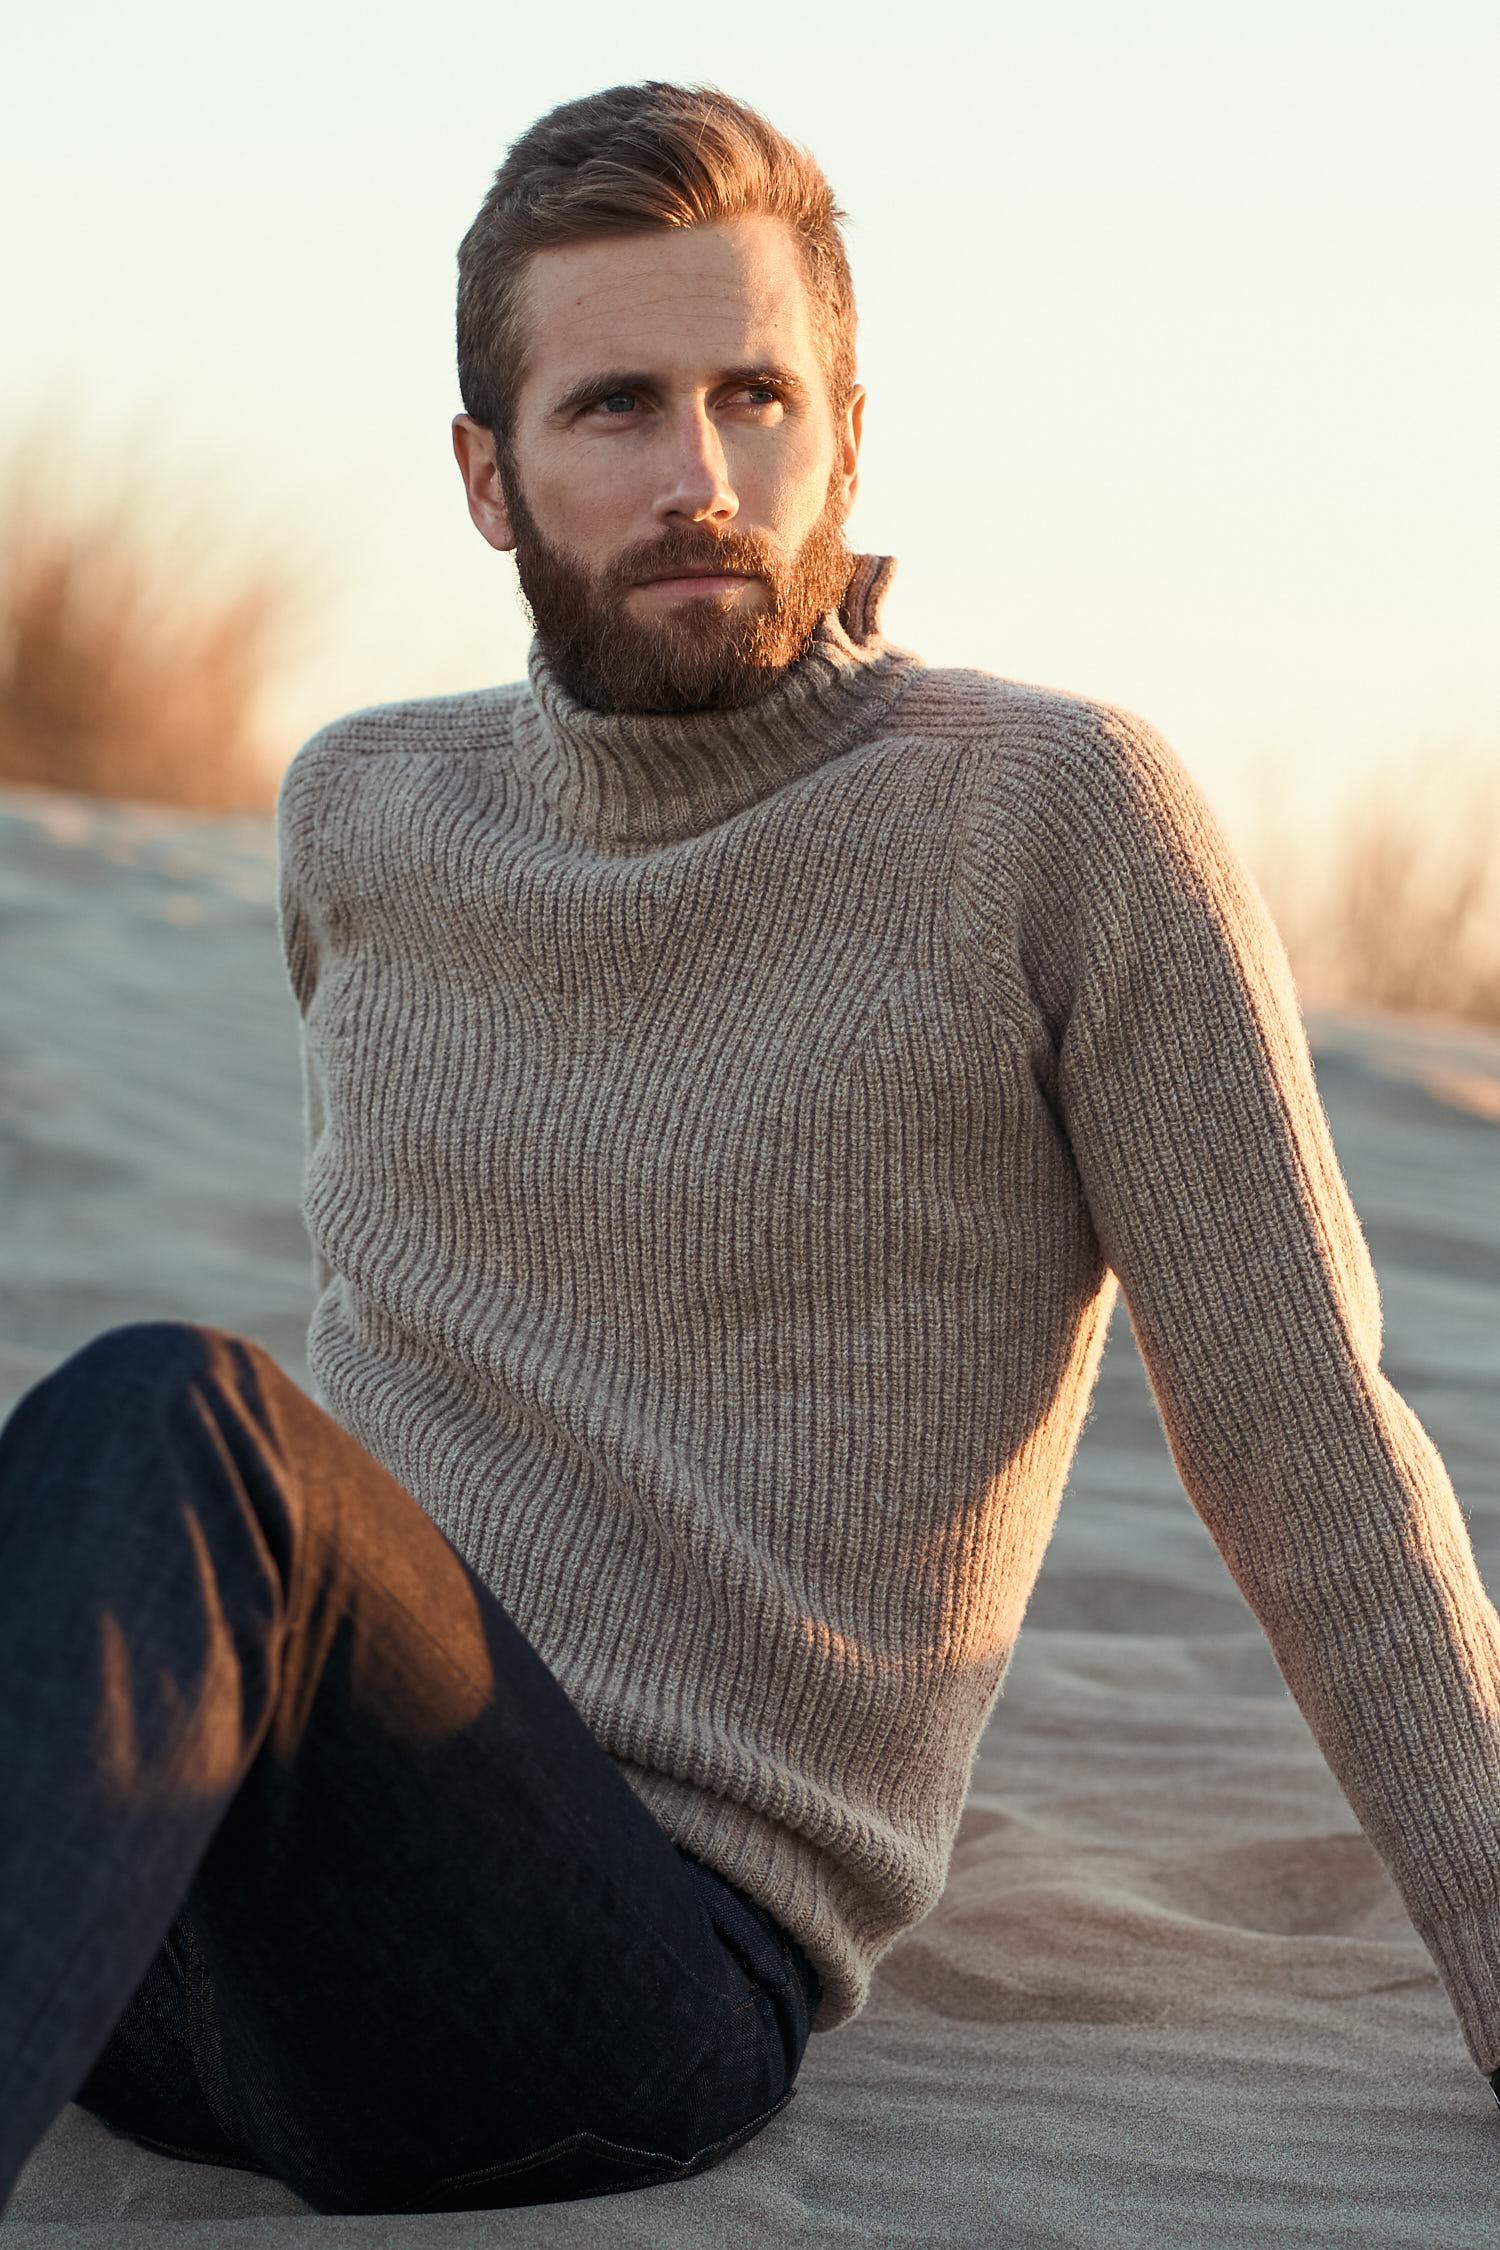 Pull-over pour honne en laine de mérinos d'arles français, tricoté dans le Tarn par Atelier Missègle. Cote anglaise. Pull chaud et très doux livré avec un sac brodé upcyclé.